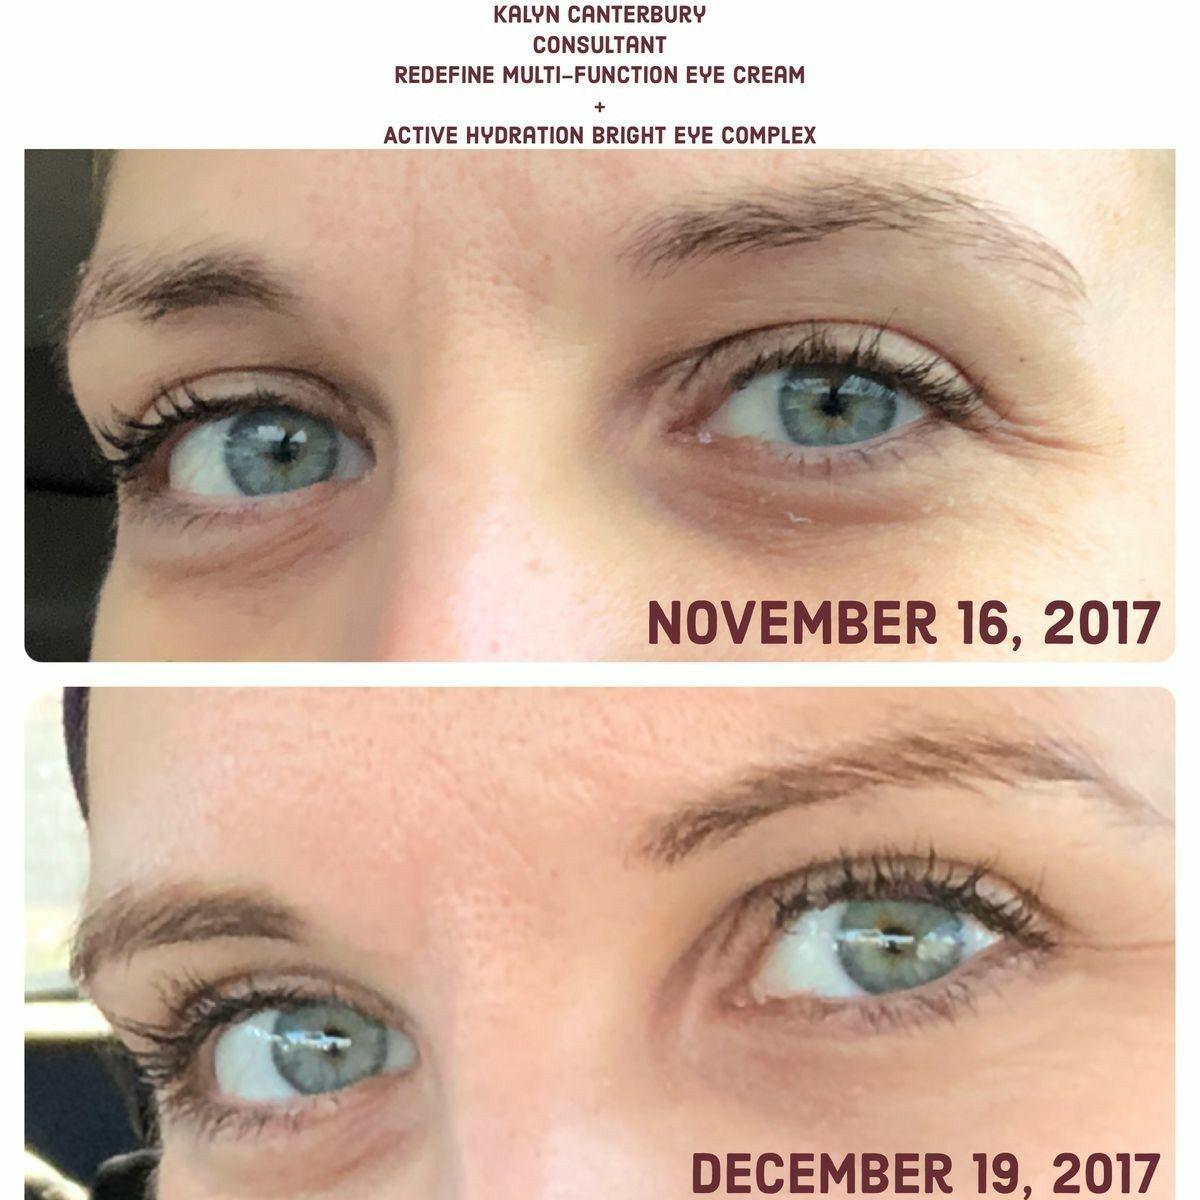 8b3ab87c4ebf234c4e26658ff7db75f8 - How To Get Rid Of Eye Wrinkles And Crow S Feet